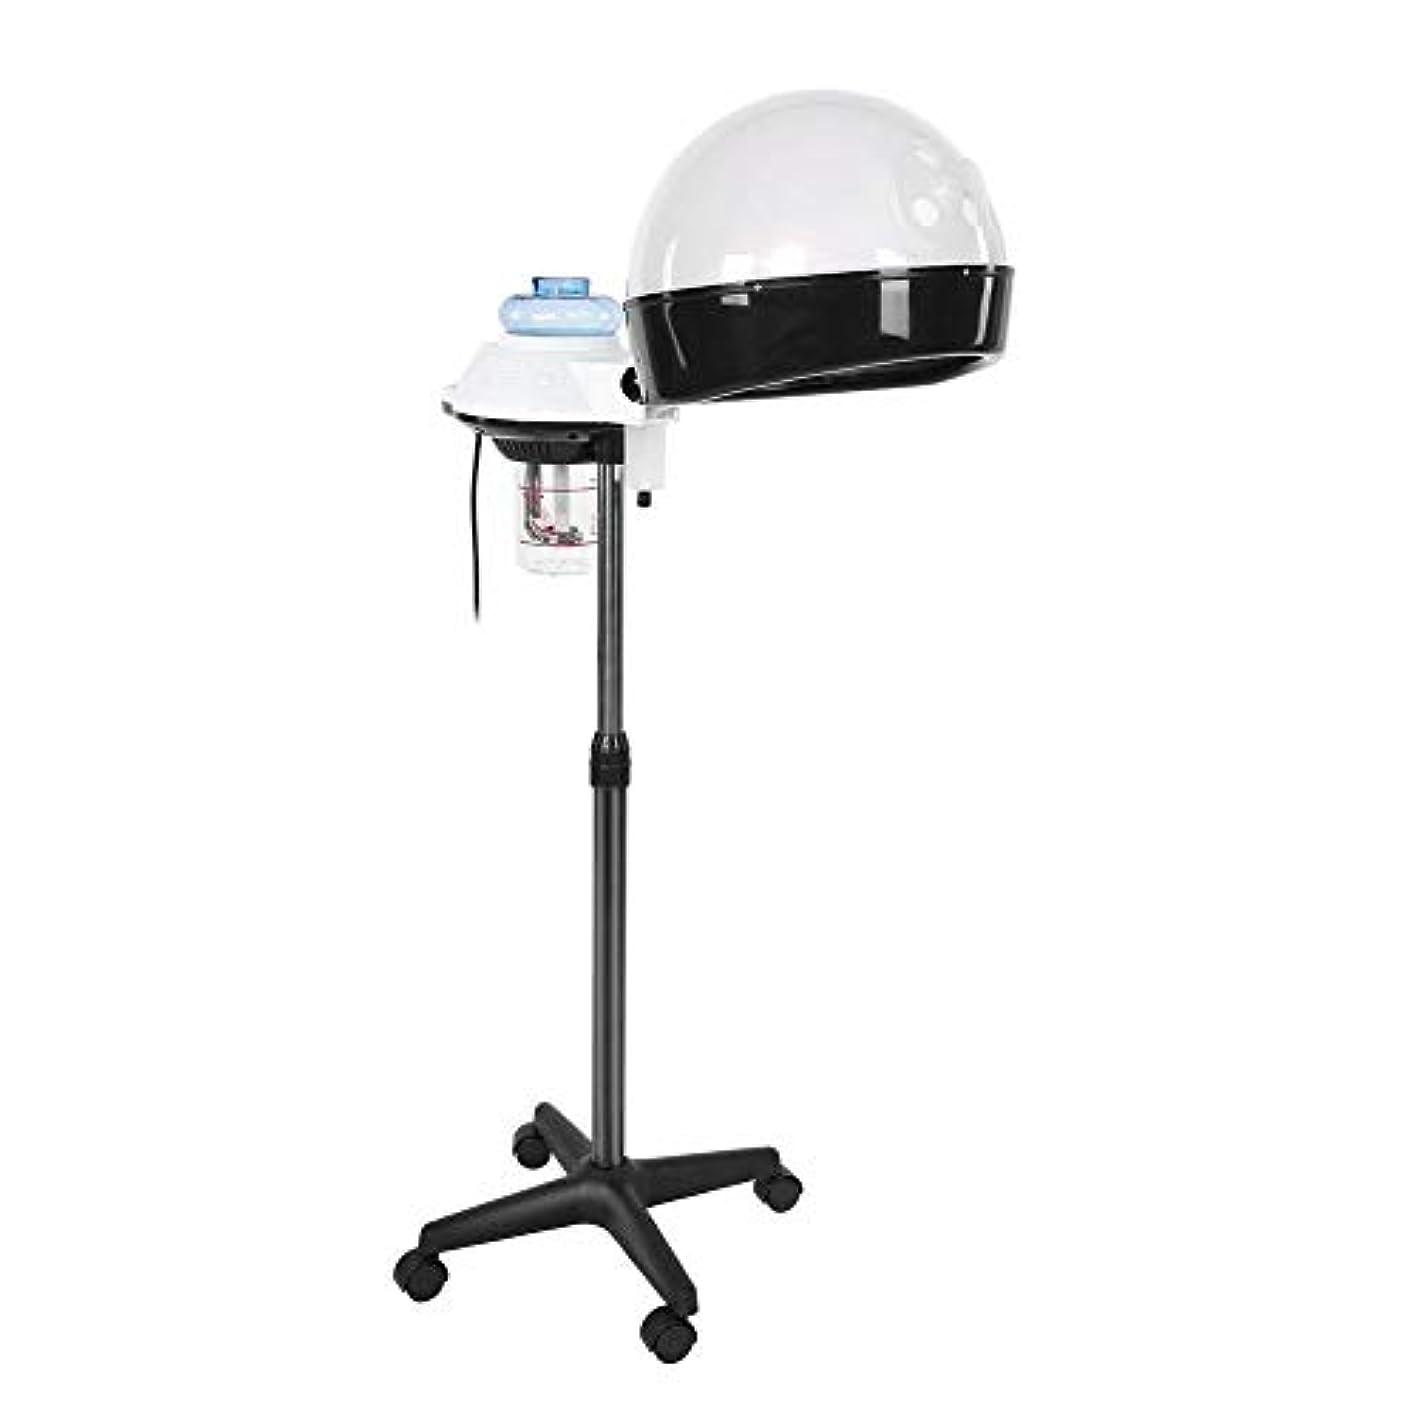 性的太陽同情ヘア 加湿器 パーソナルケア用のデザイン ホットミストオゾンヘアセラピー美容機器 個人用家庭用 (US)